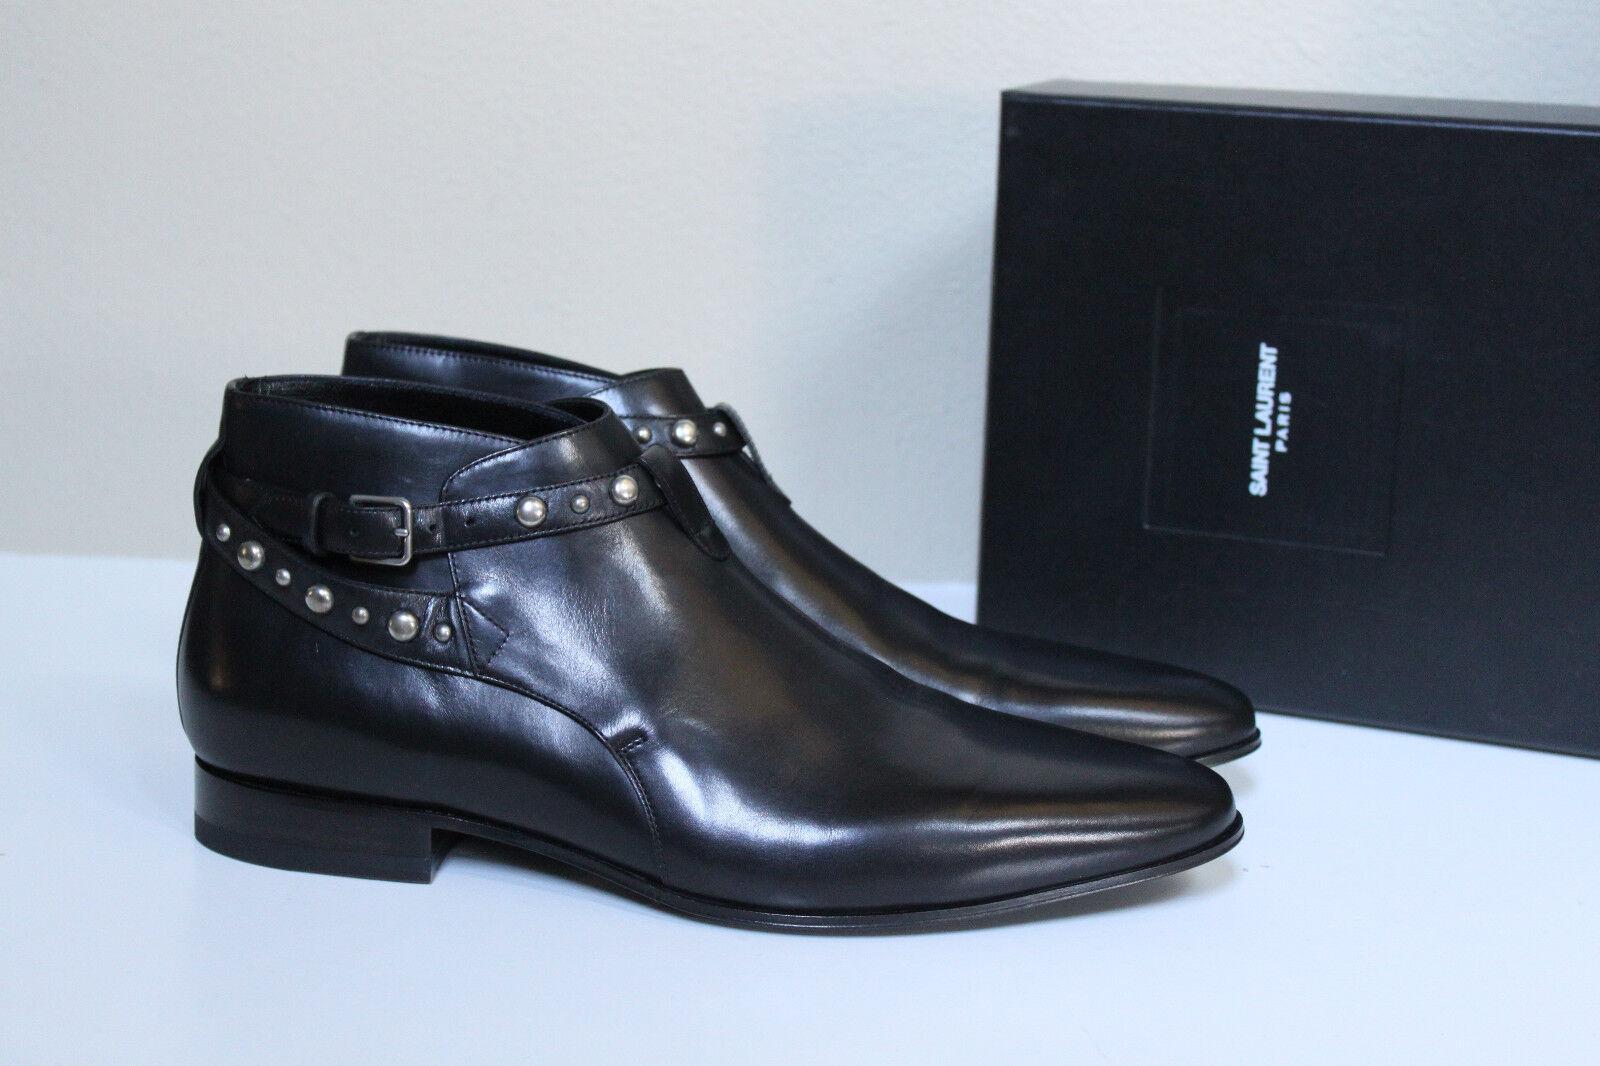 New sz 10.5 US / 43.5 SAINT LAURENT Black Leather Boxer Stud Ankle Boot MEN Shoe